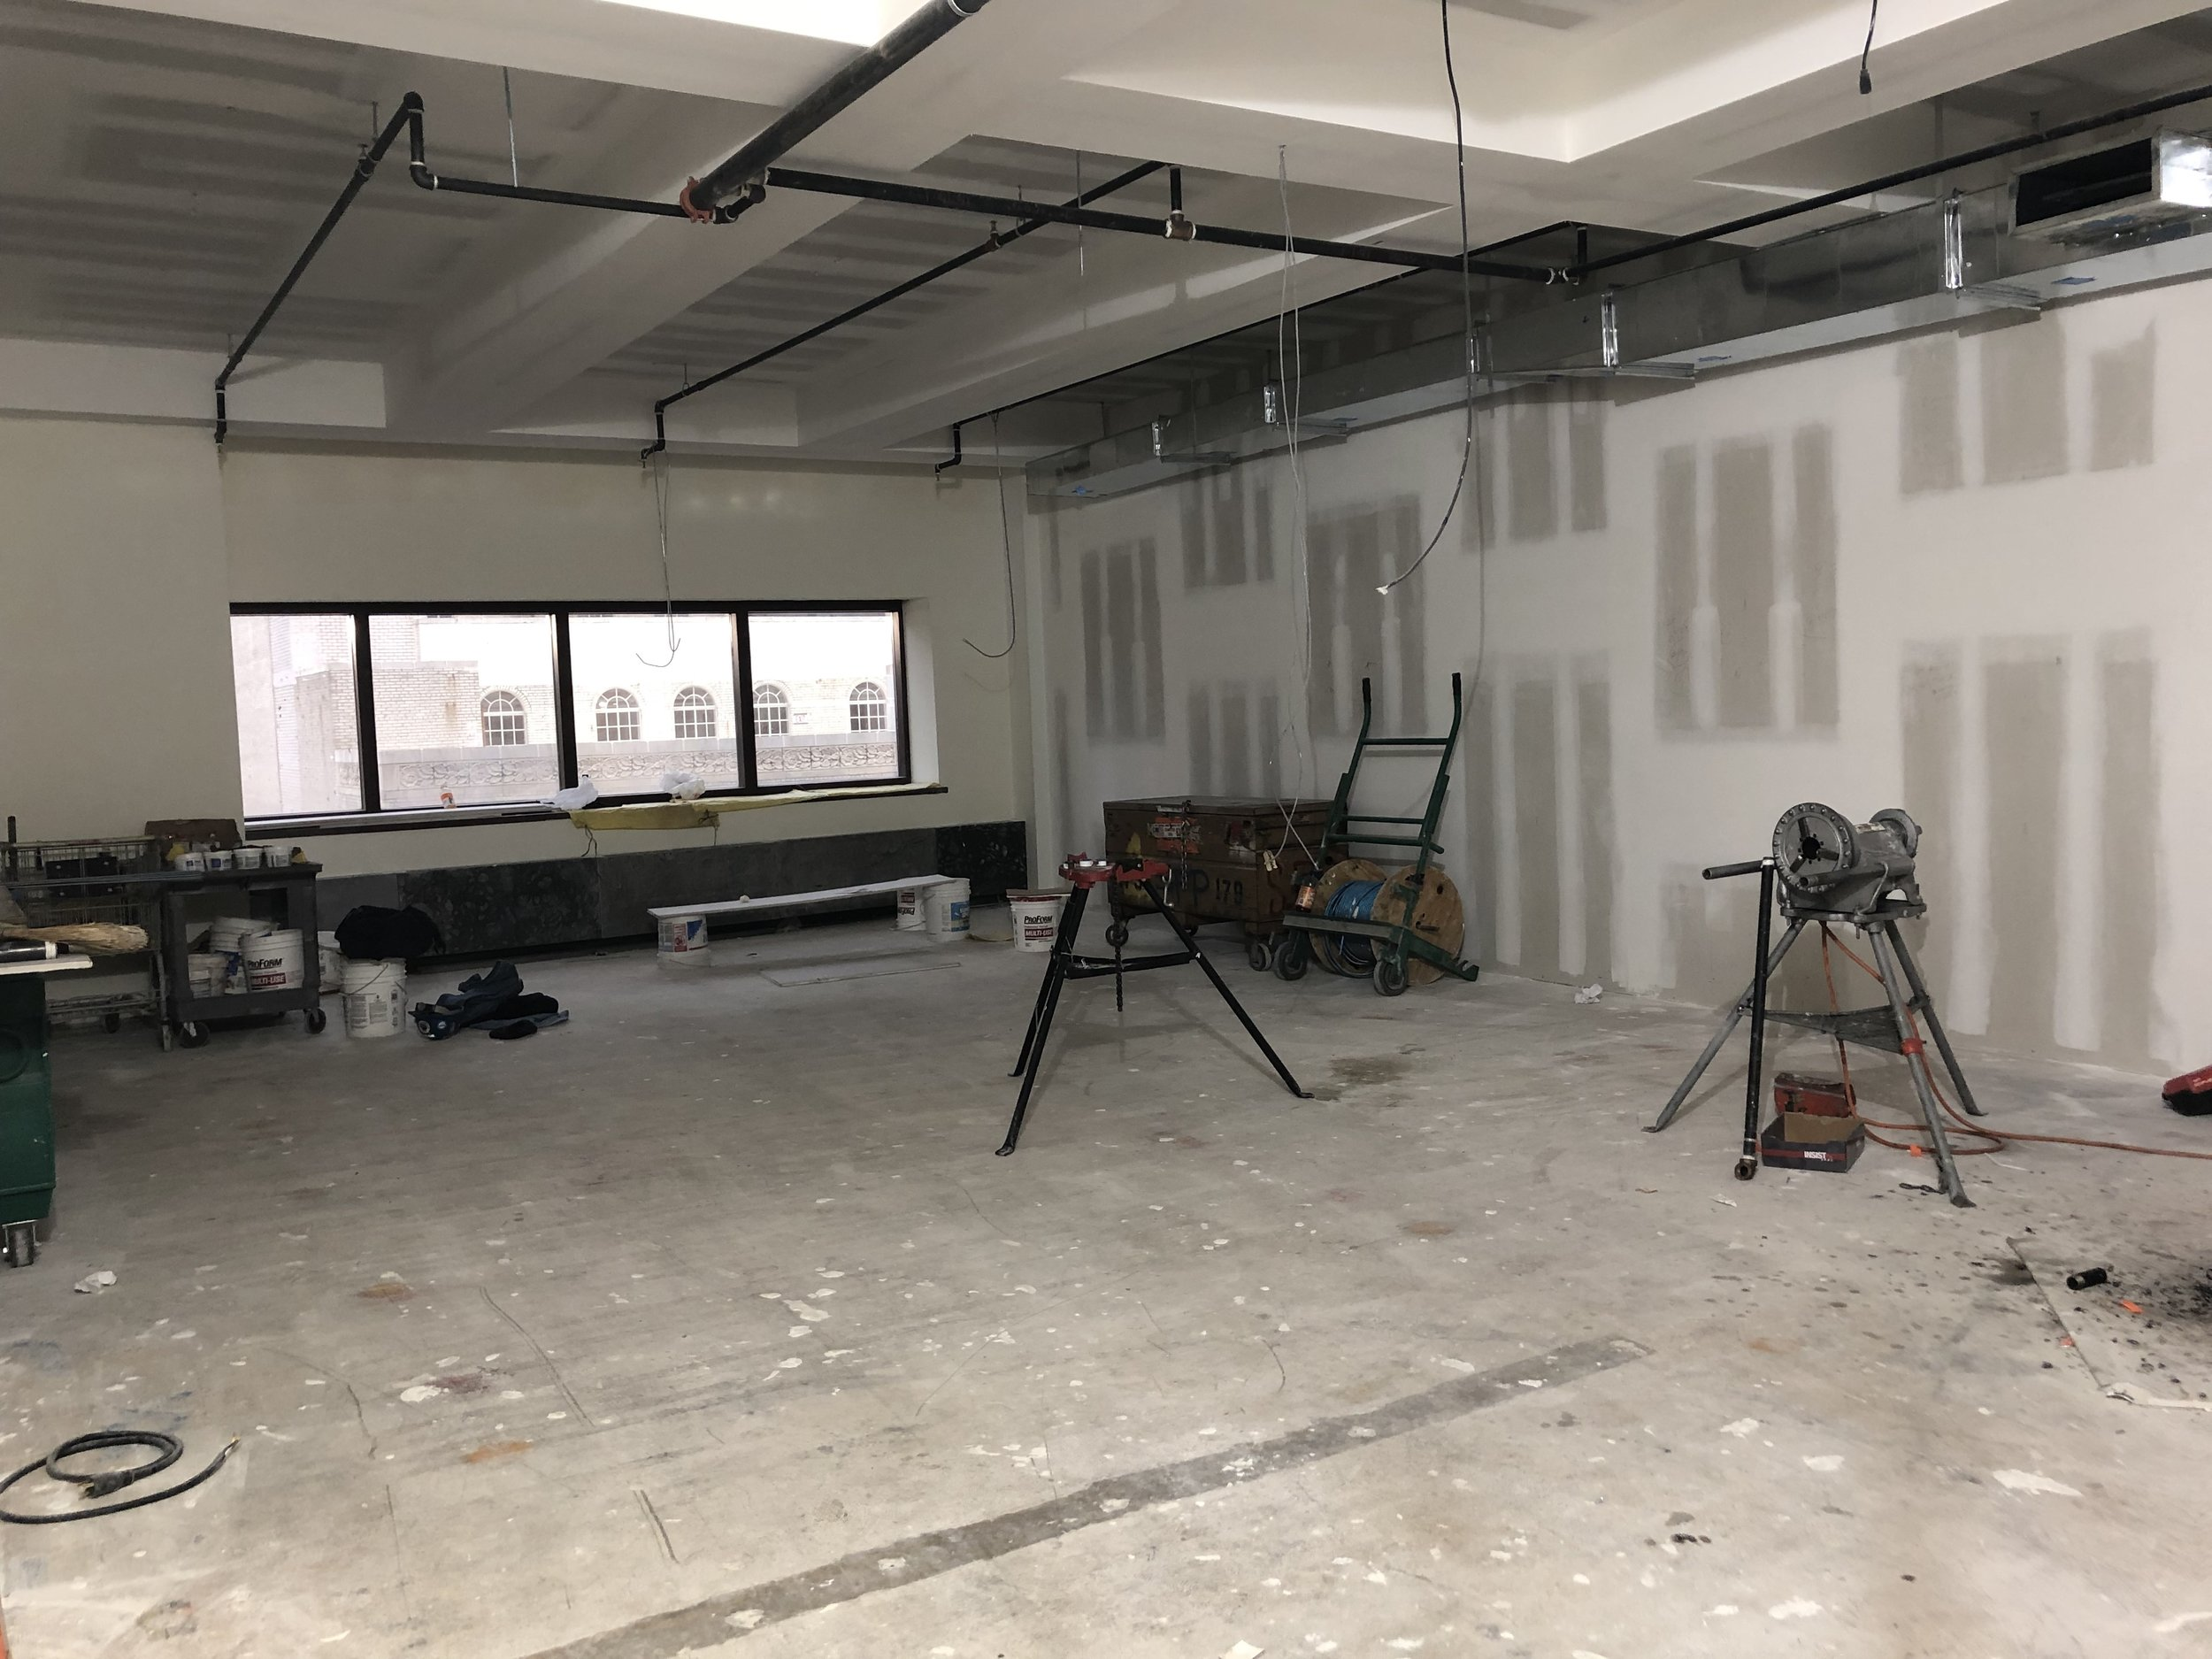 11L in process (sprinklers/HVAC)